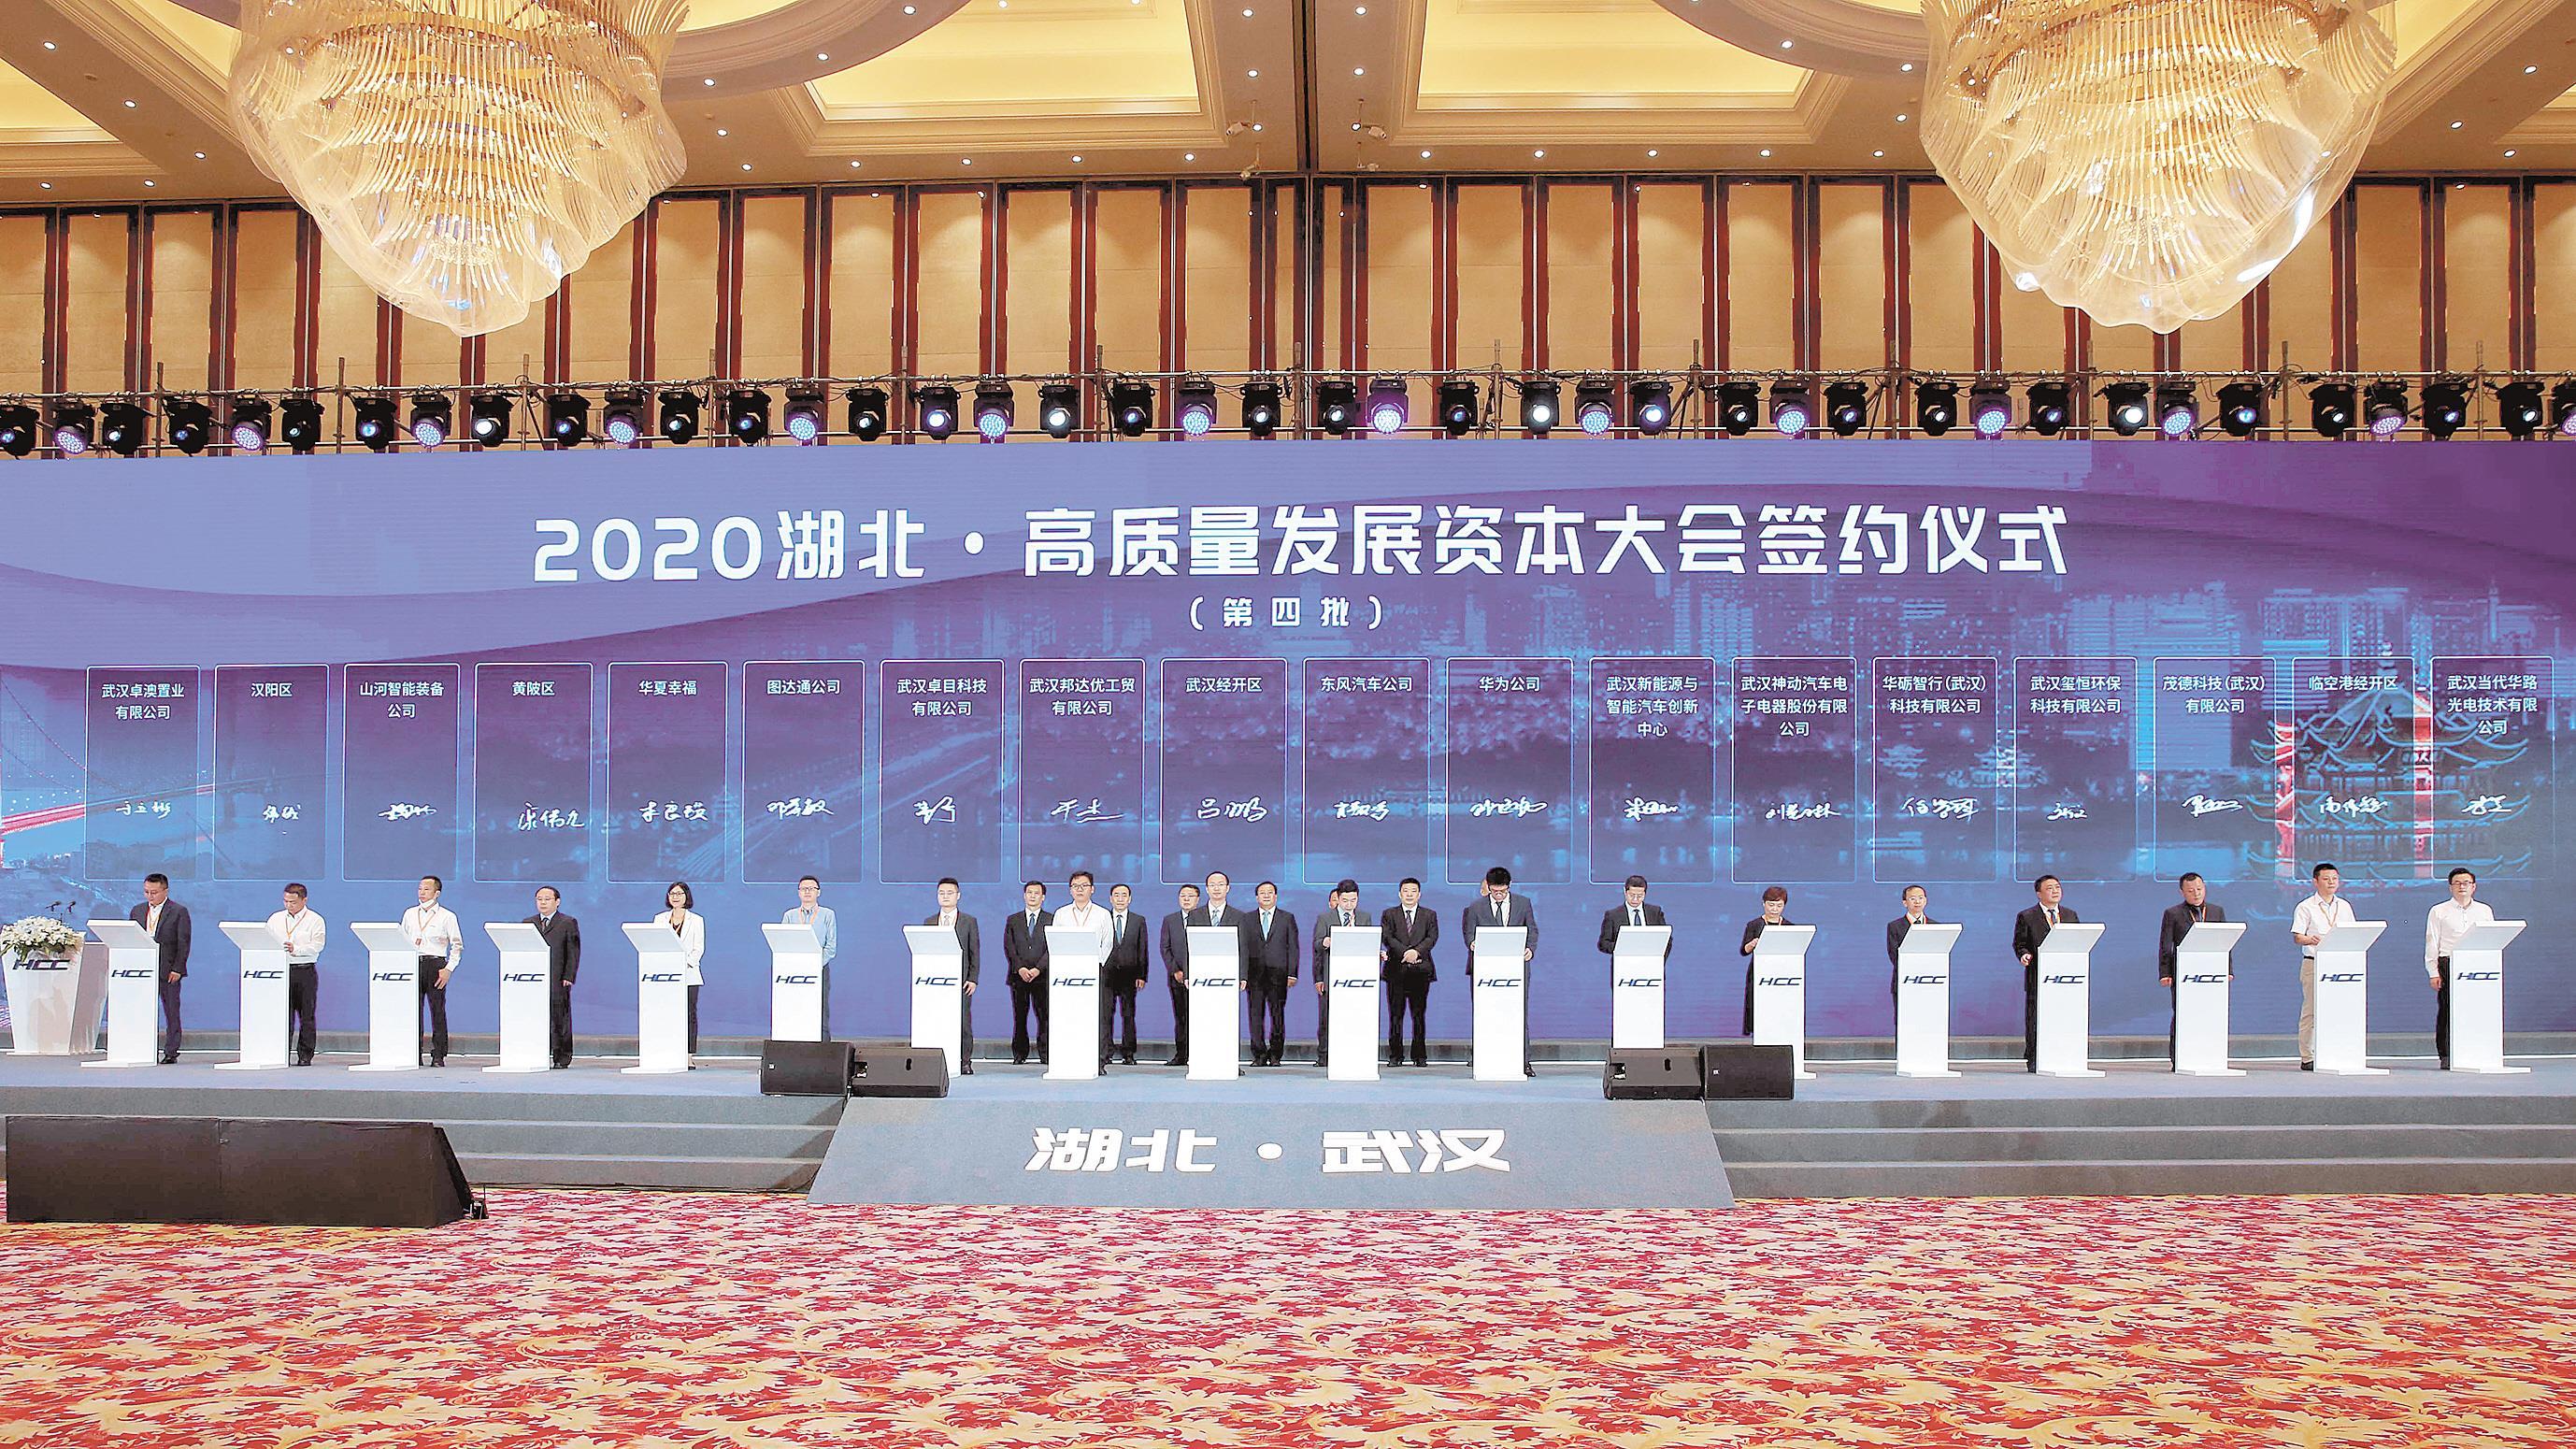 2020湖北·高质量发展资本大会签约仪式。(本版摄影 湖北日报全媒记者 梅涛)